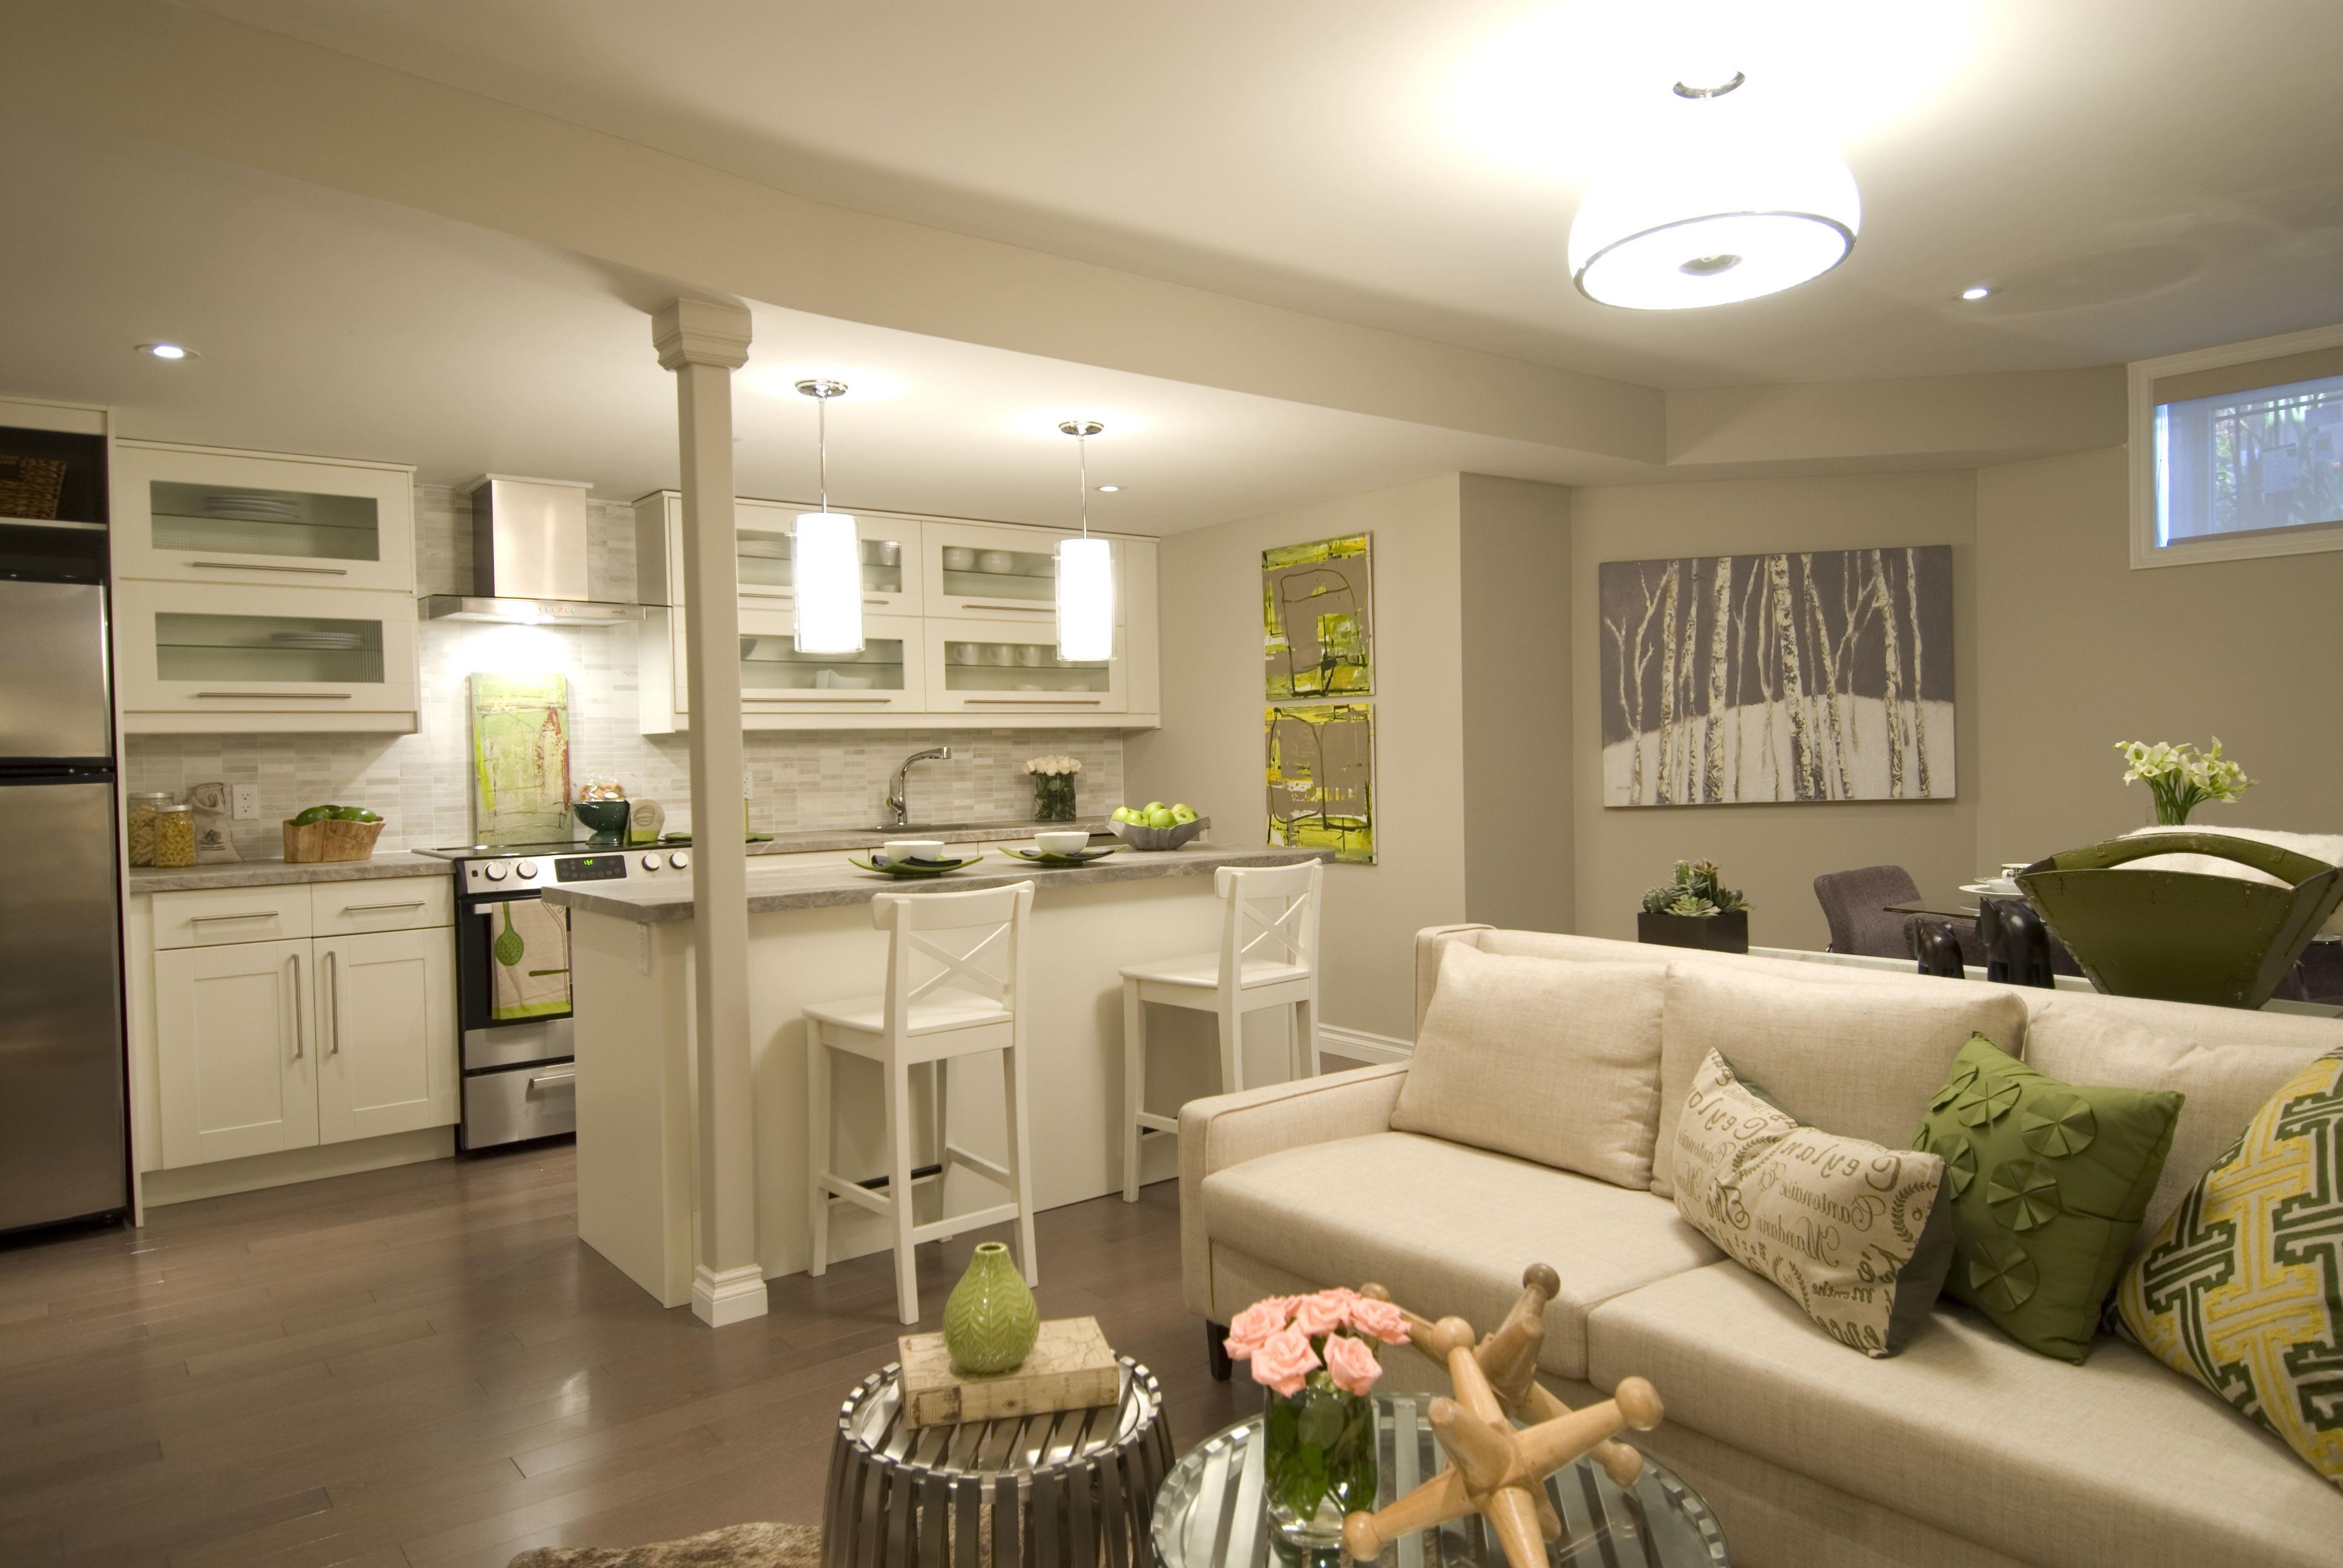 Дизайн интерьера квартир кухни совмещенной с гостиной